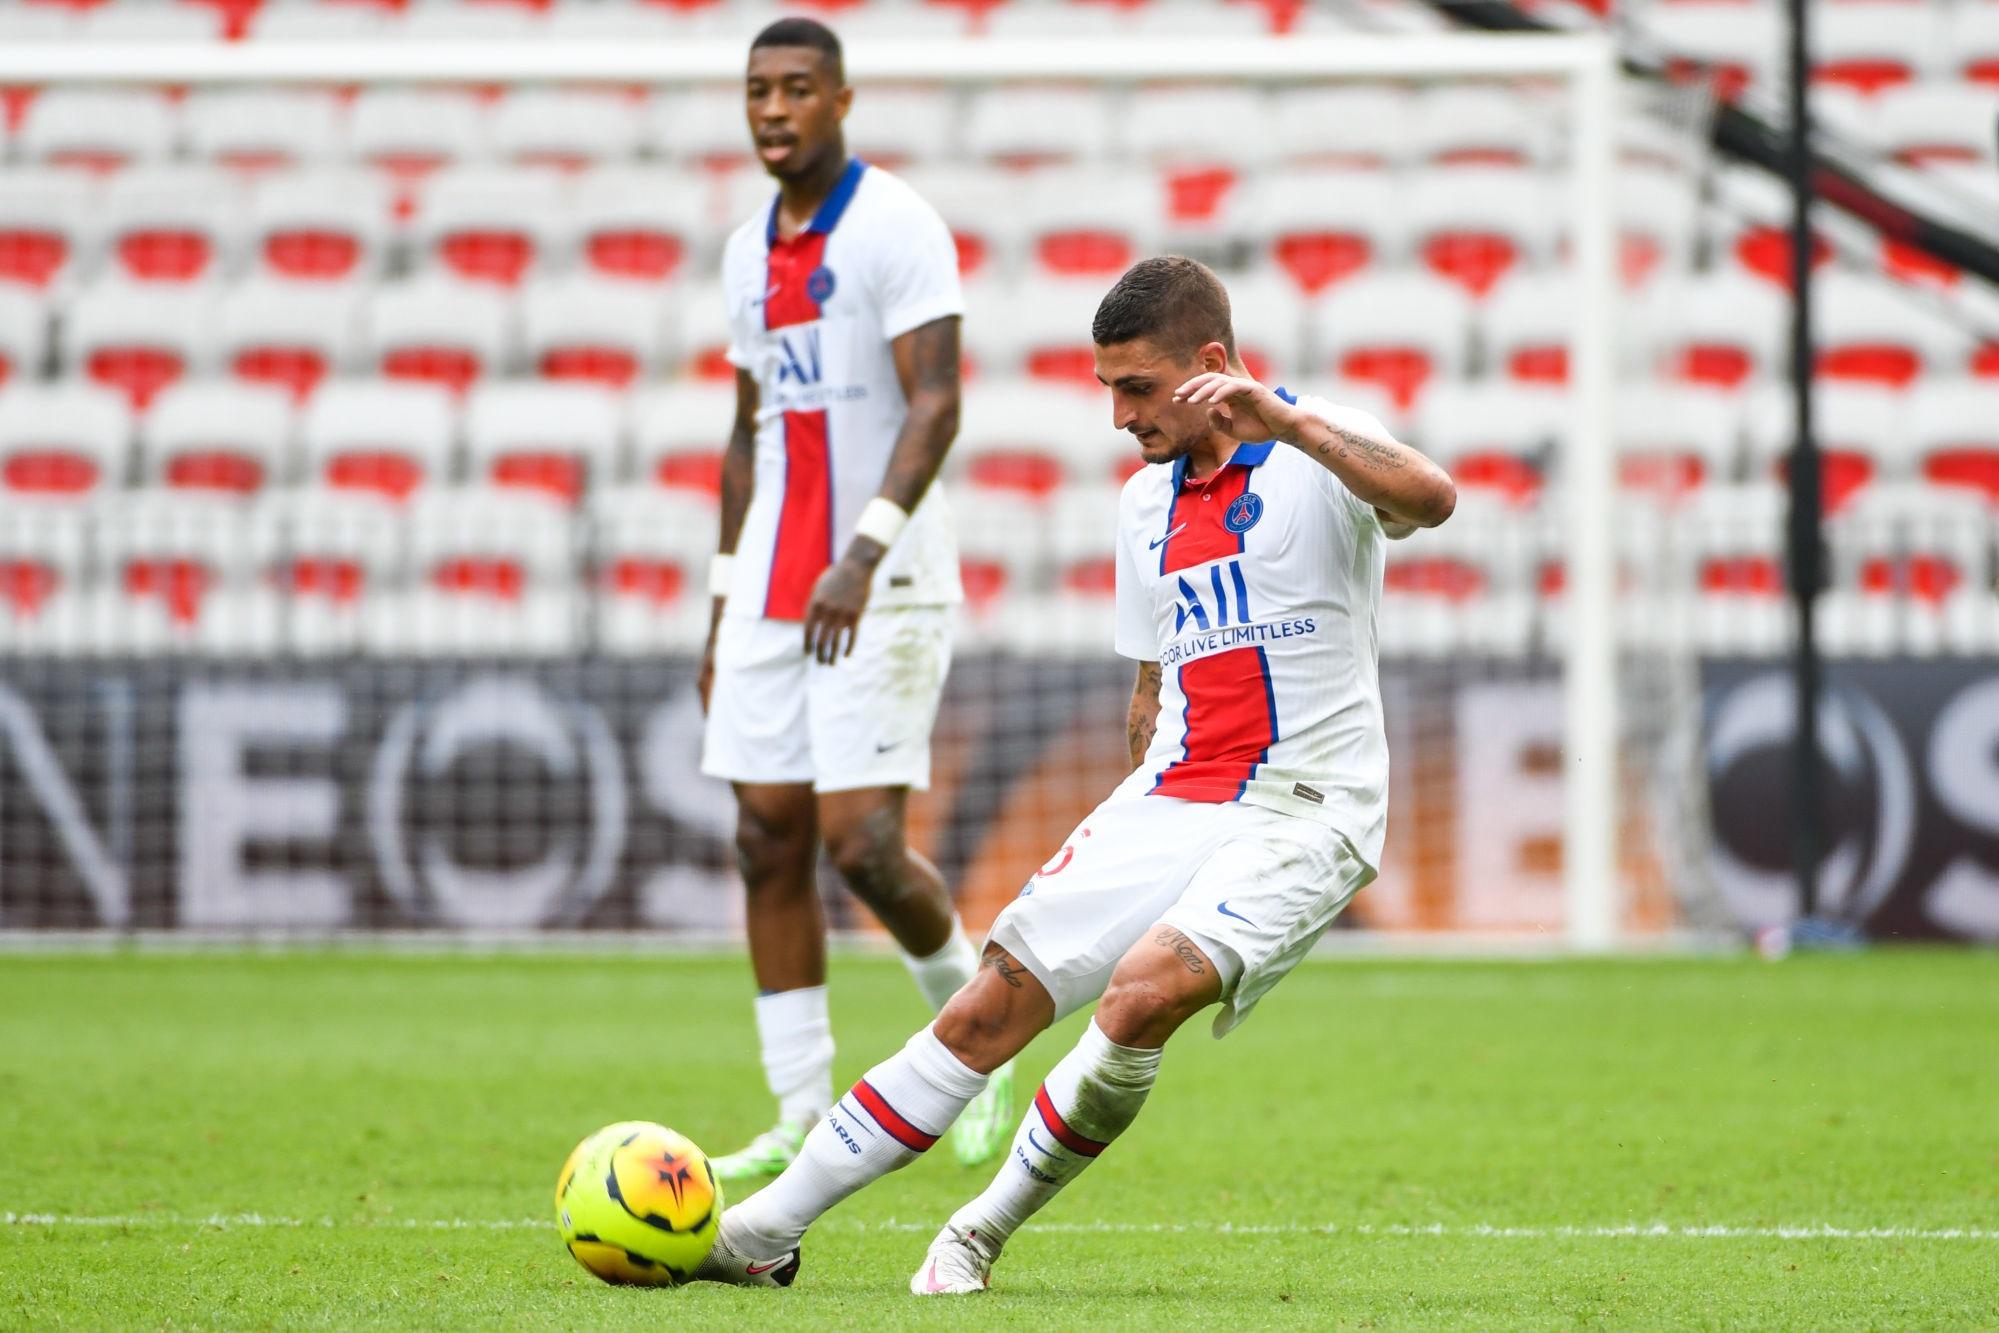 Saint-Etienne/PSG - Le Parisien confirme l'idée d'un Verratti en meneur de jeu